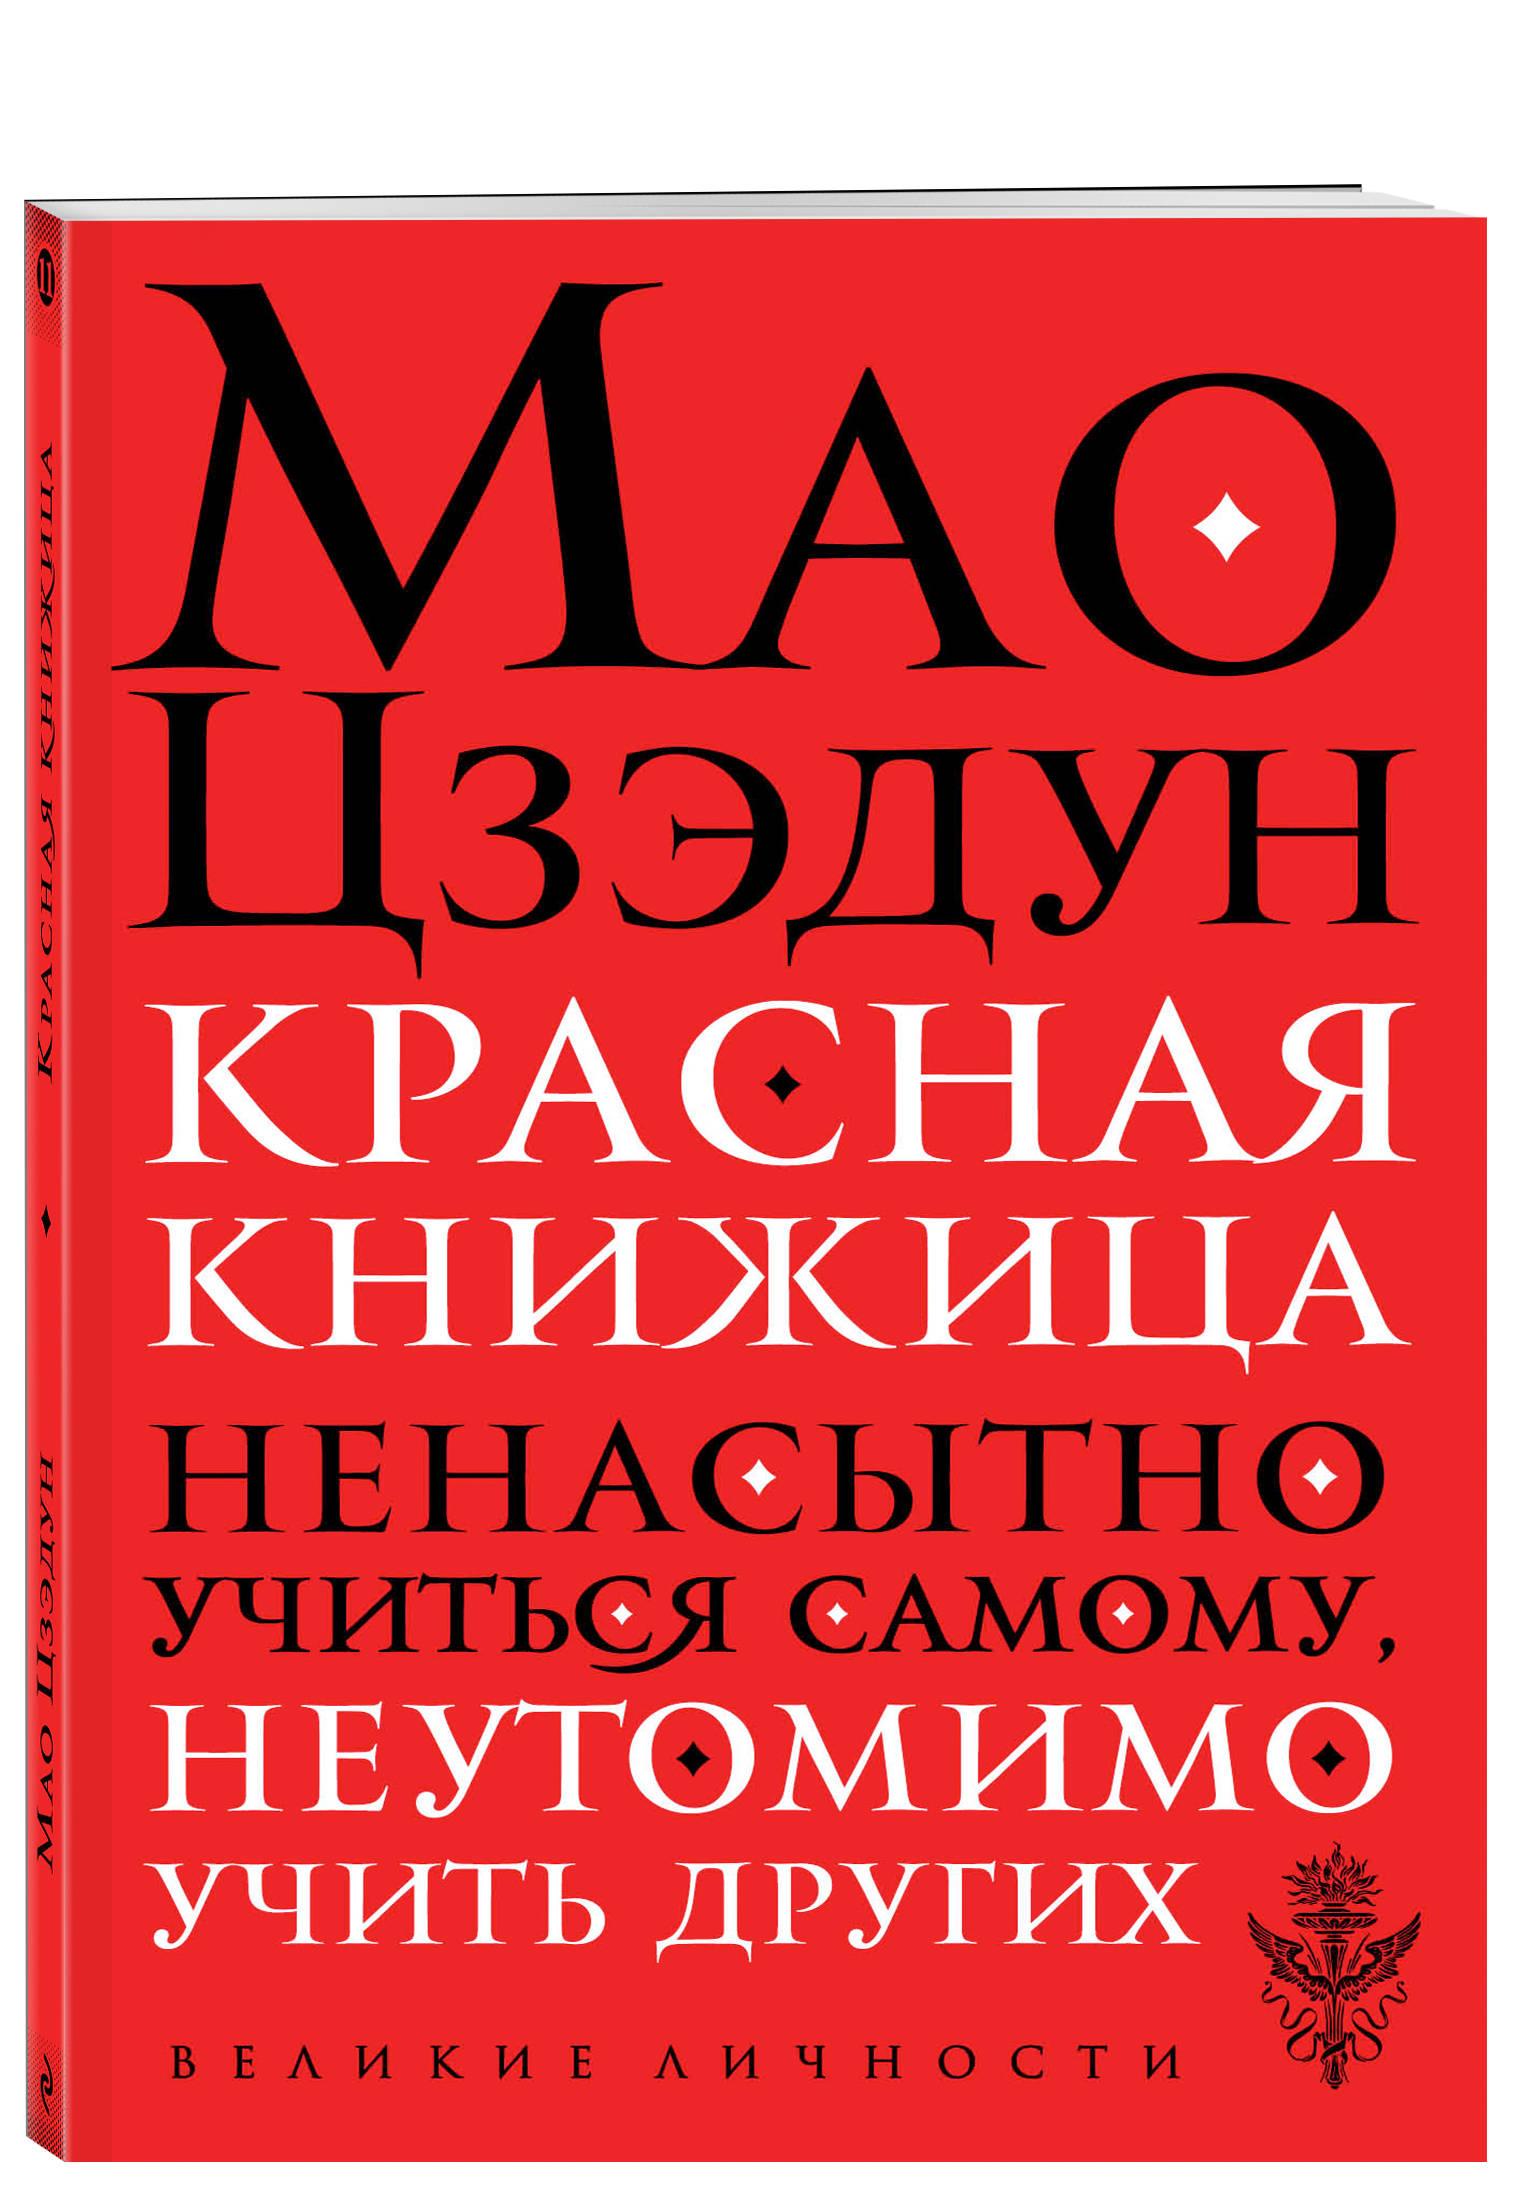 Мао Ц. Красная книжица мао цзэдун великий кормчий мао цзэдун не бояться трудностей не бояться смерти афоризмы цитаты высказывания